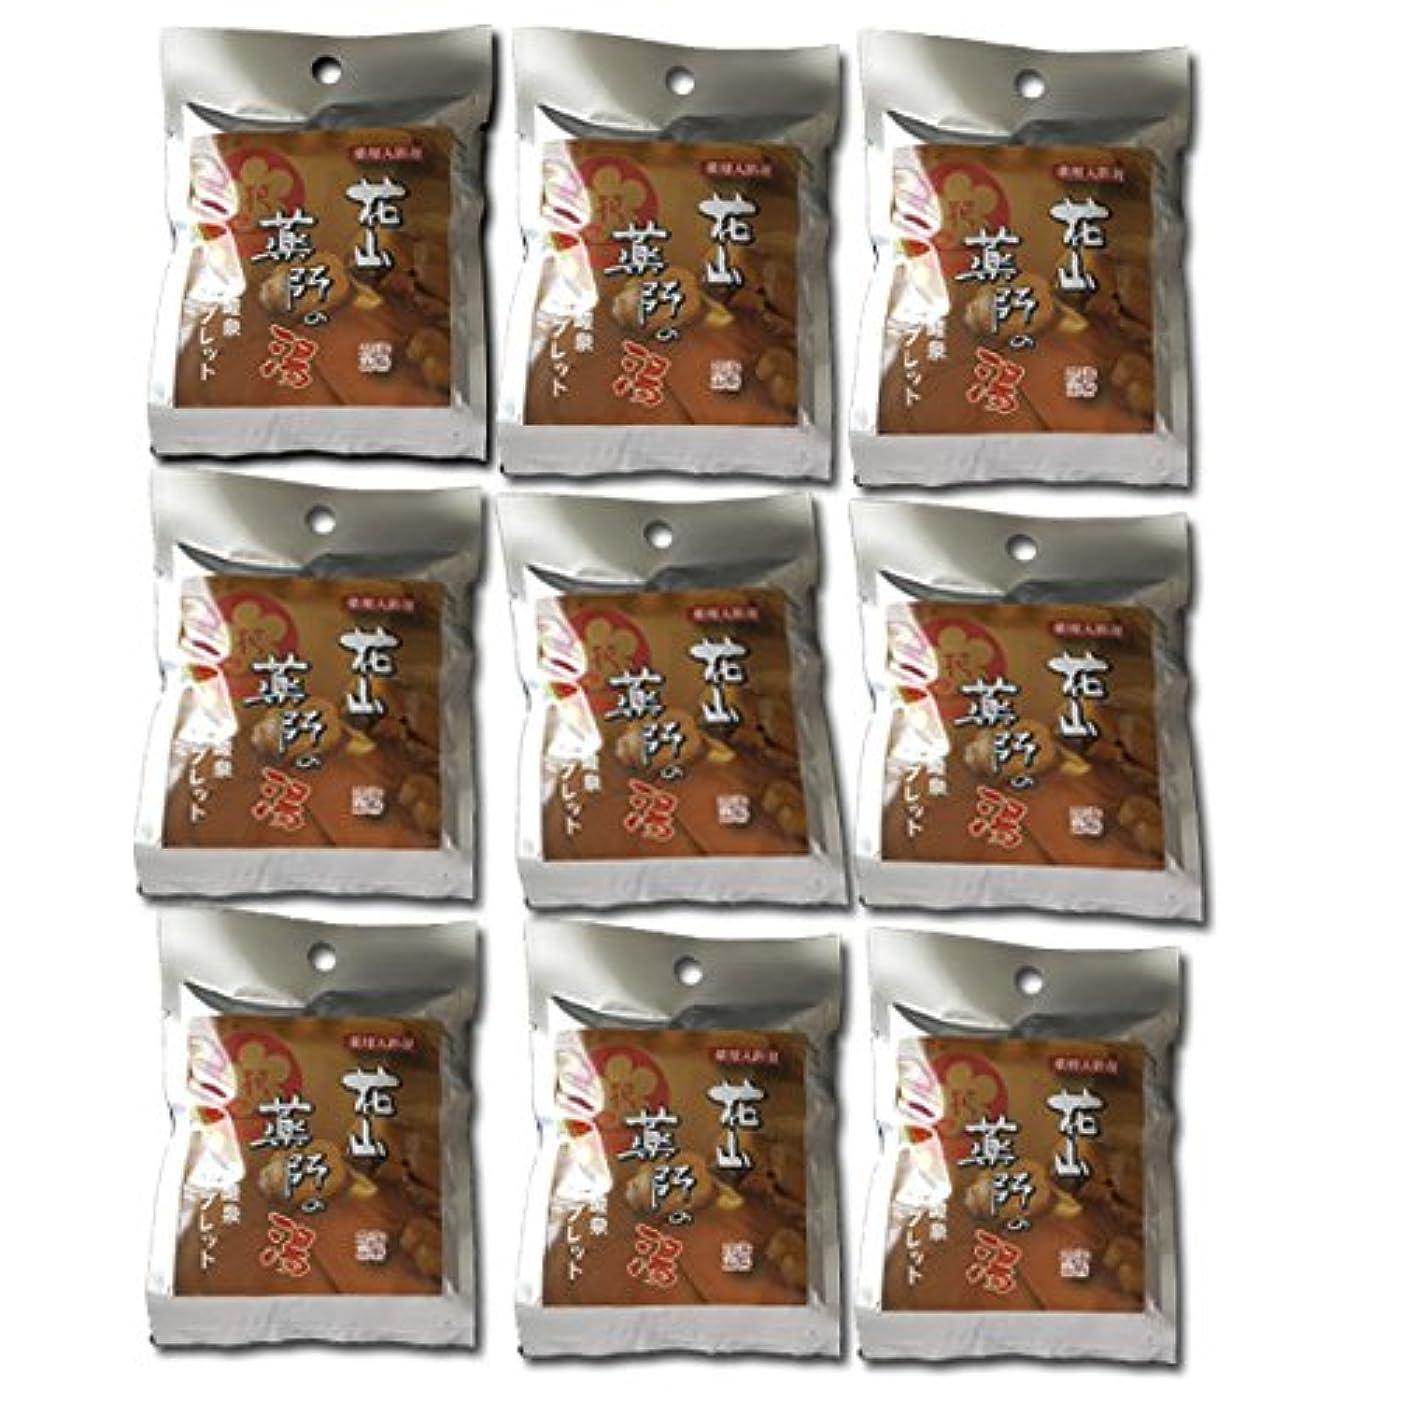 曇った八百屋脱臼する入浴剤 炭酸泉 和歌山 花山温泉の温泉分析値を元に配合して作られたタブレット9個 薬用